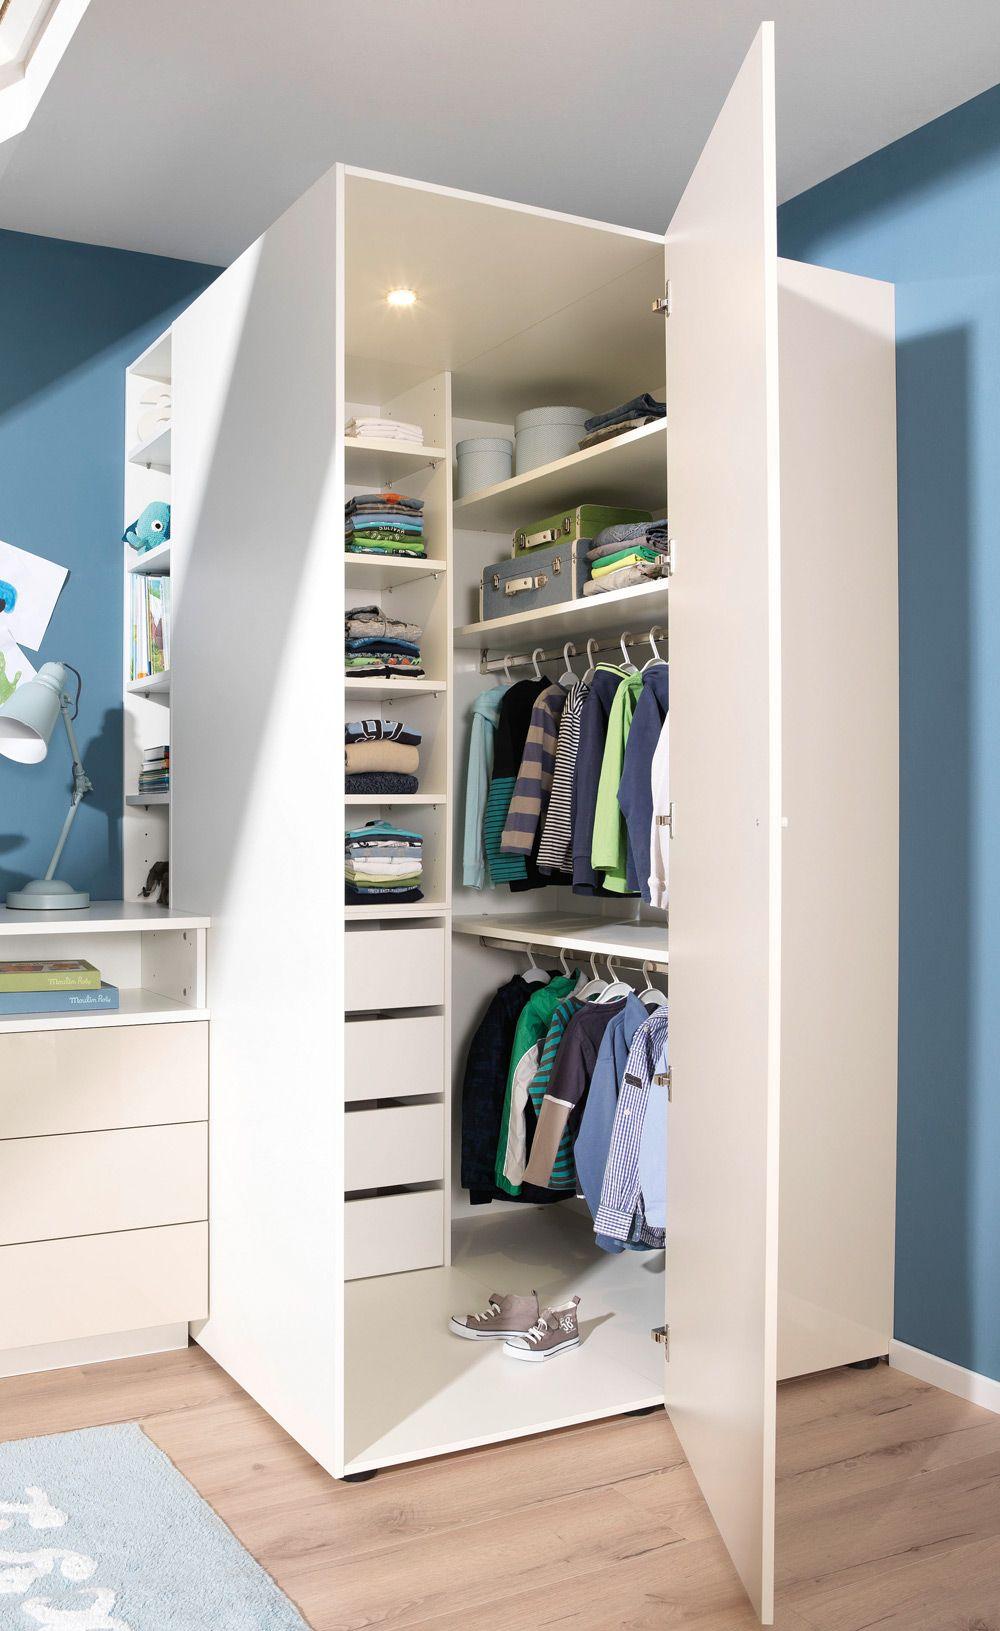 Full Size of Billig Begehbarer Kleiderschrank Fr Kinderzimmer Sofa Regal Weiß Regale Kinderzimmer Eckkleiderschrank Kinderzimmer